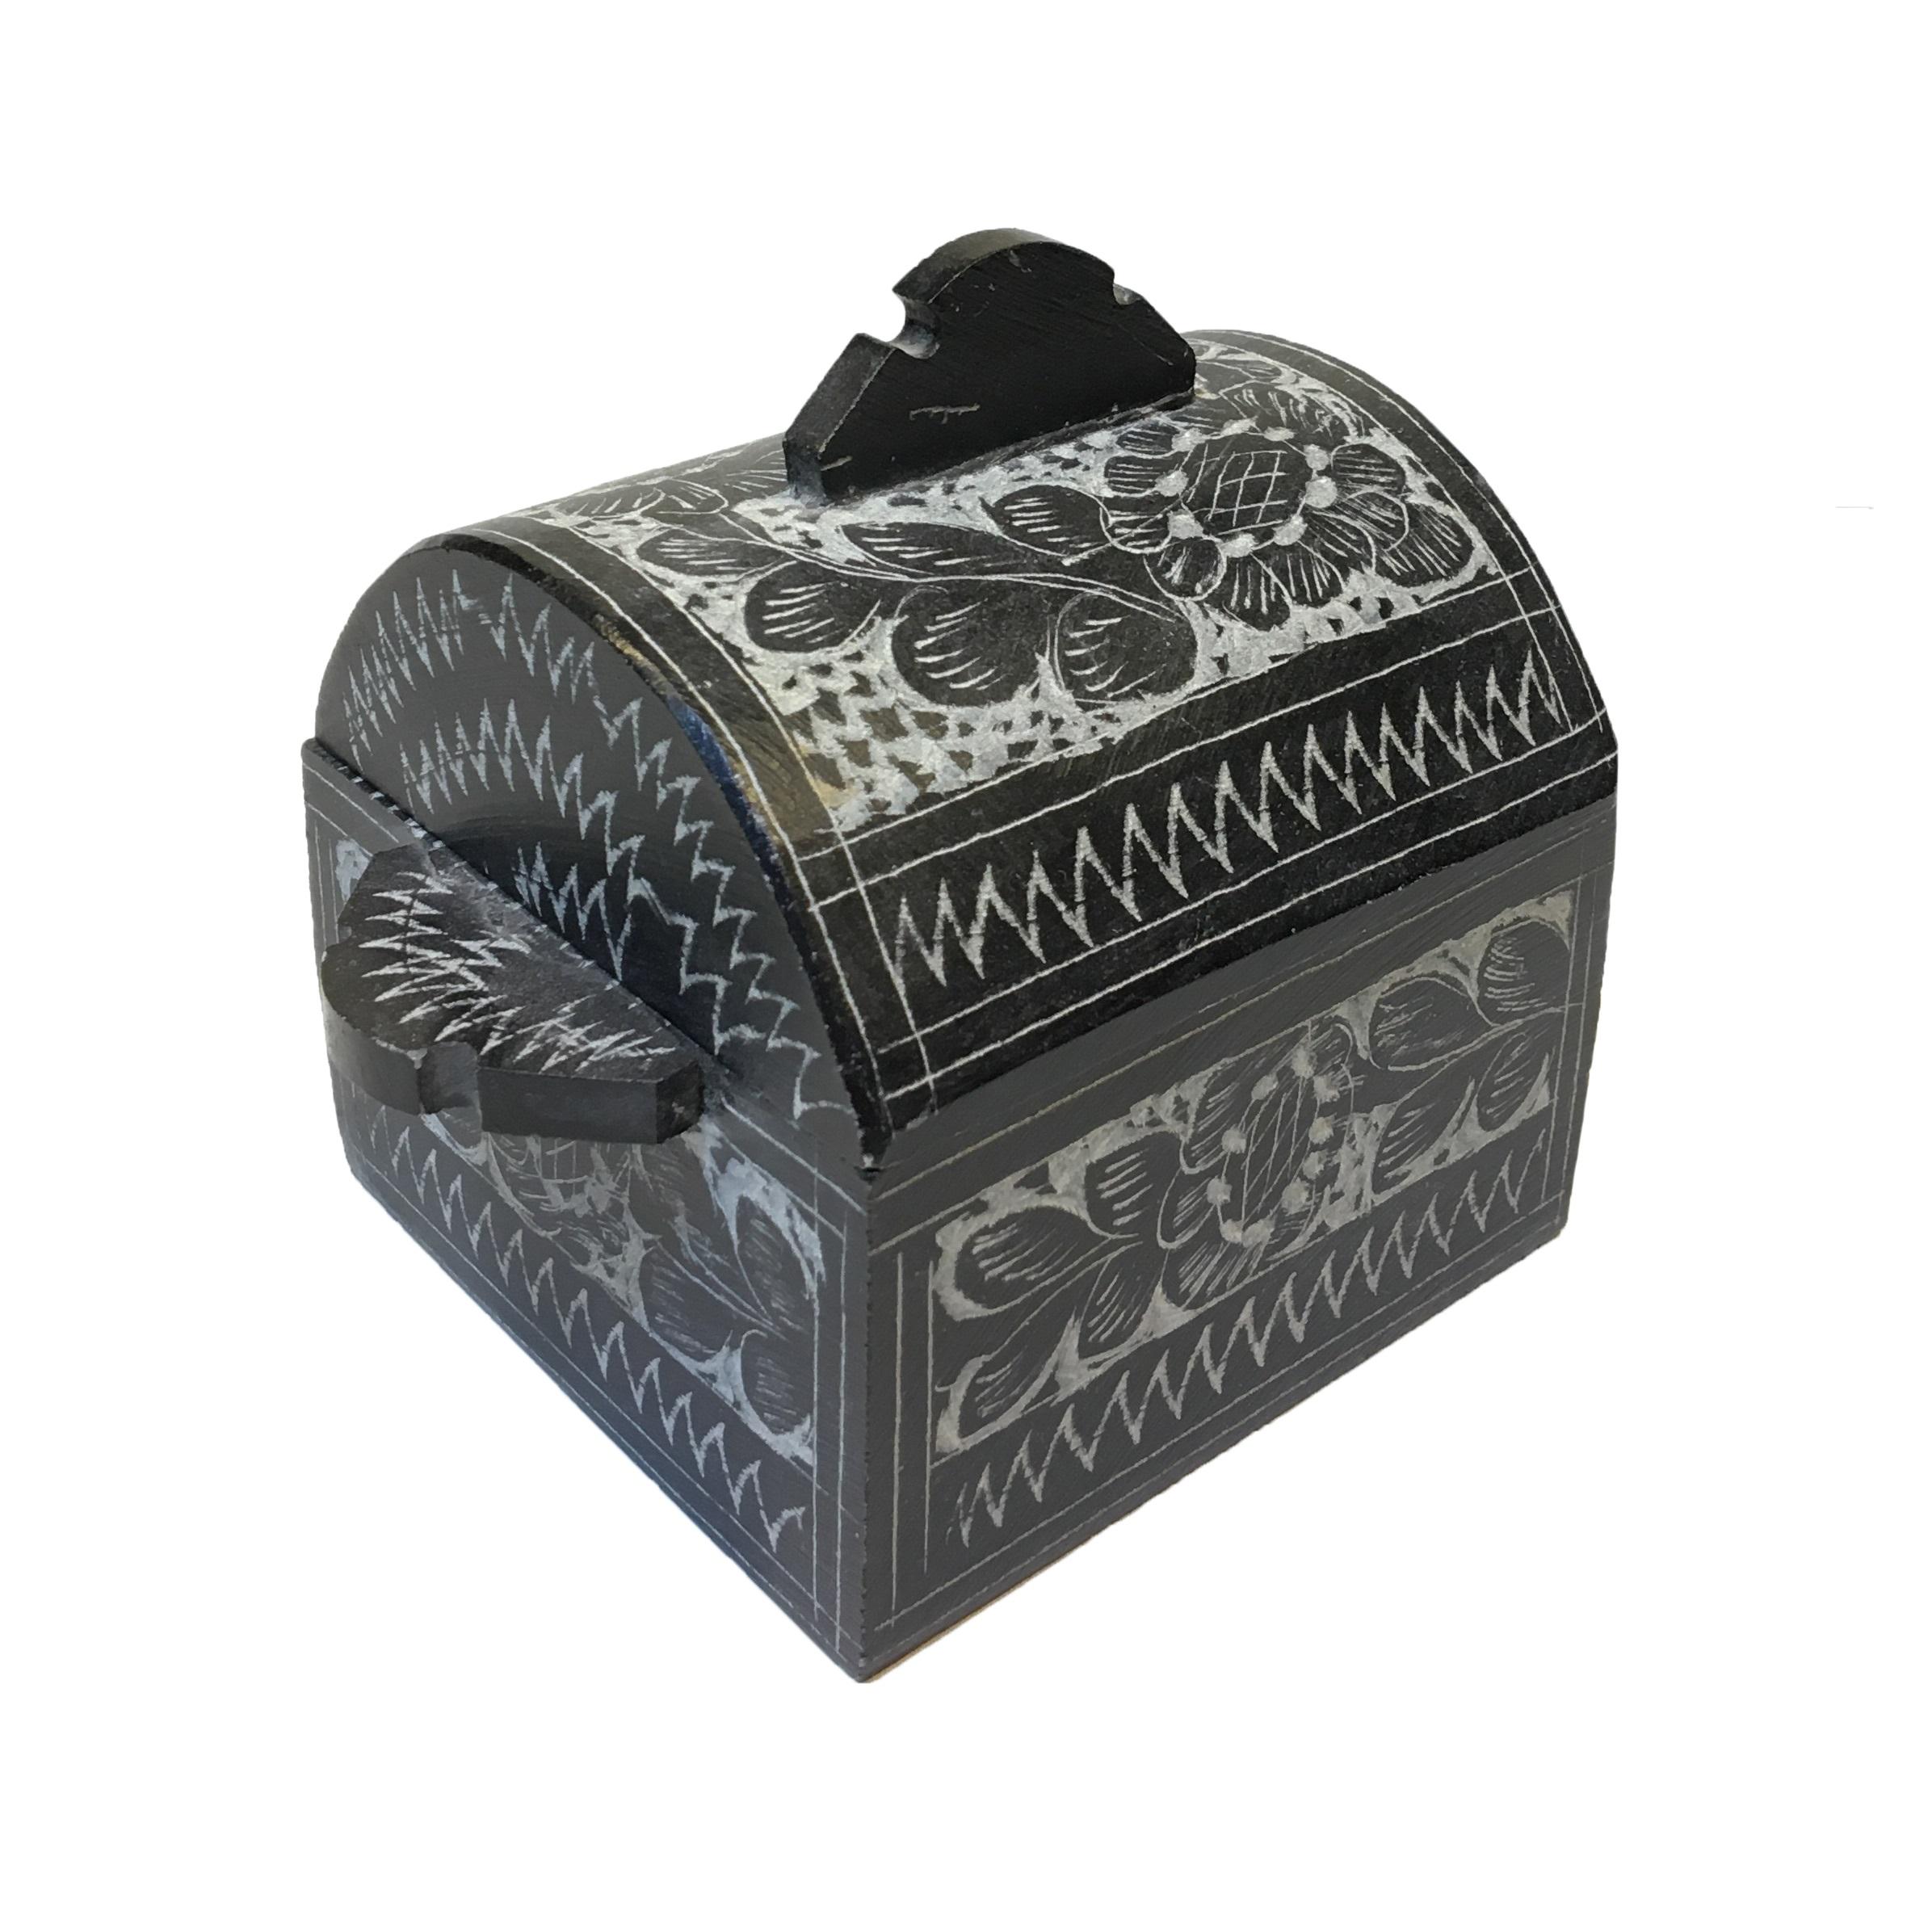 جعبه جواهر سنگی مدل گلسنگ کد 01